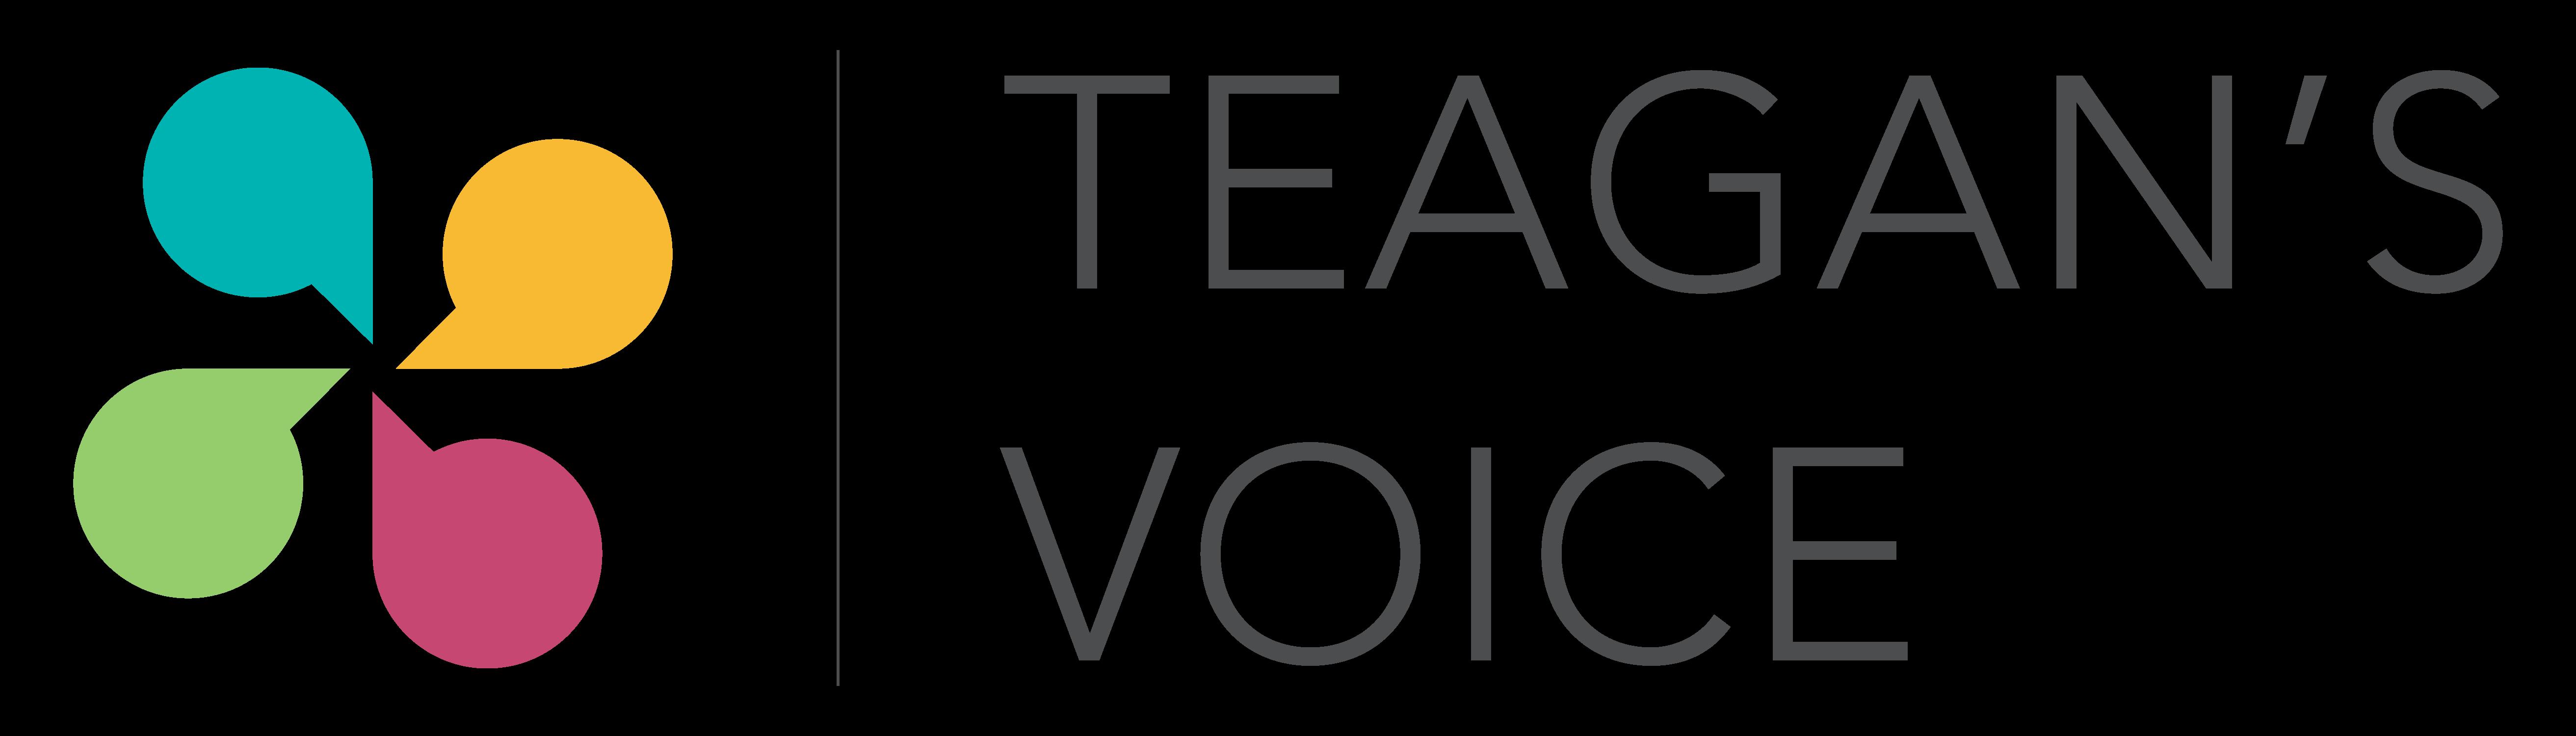 Teagan's Voice